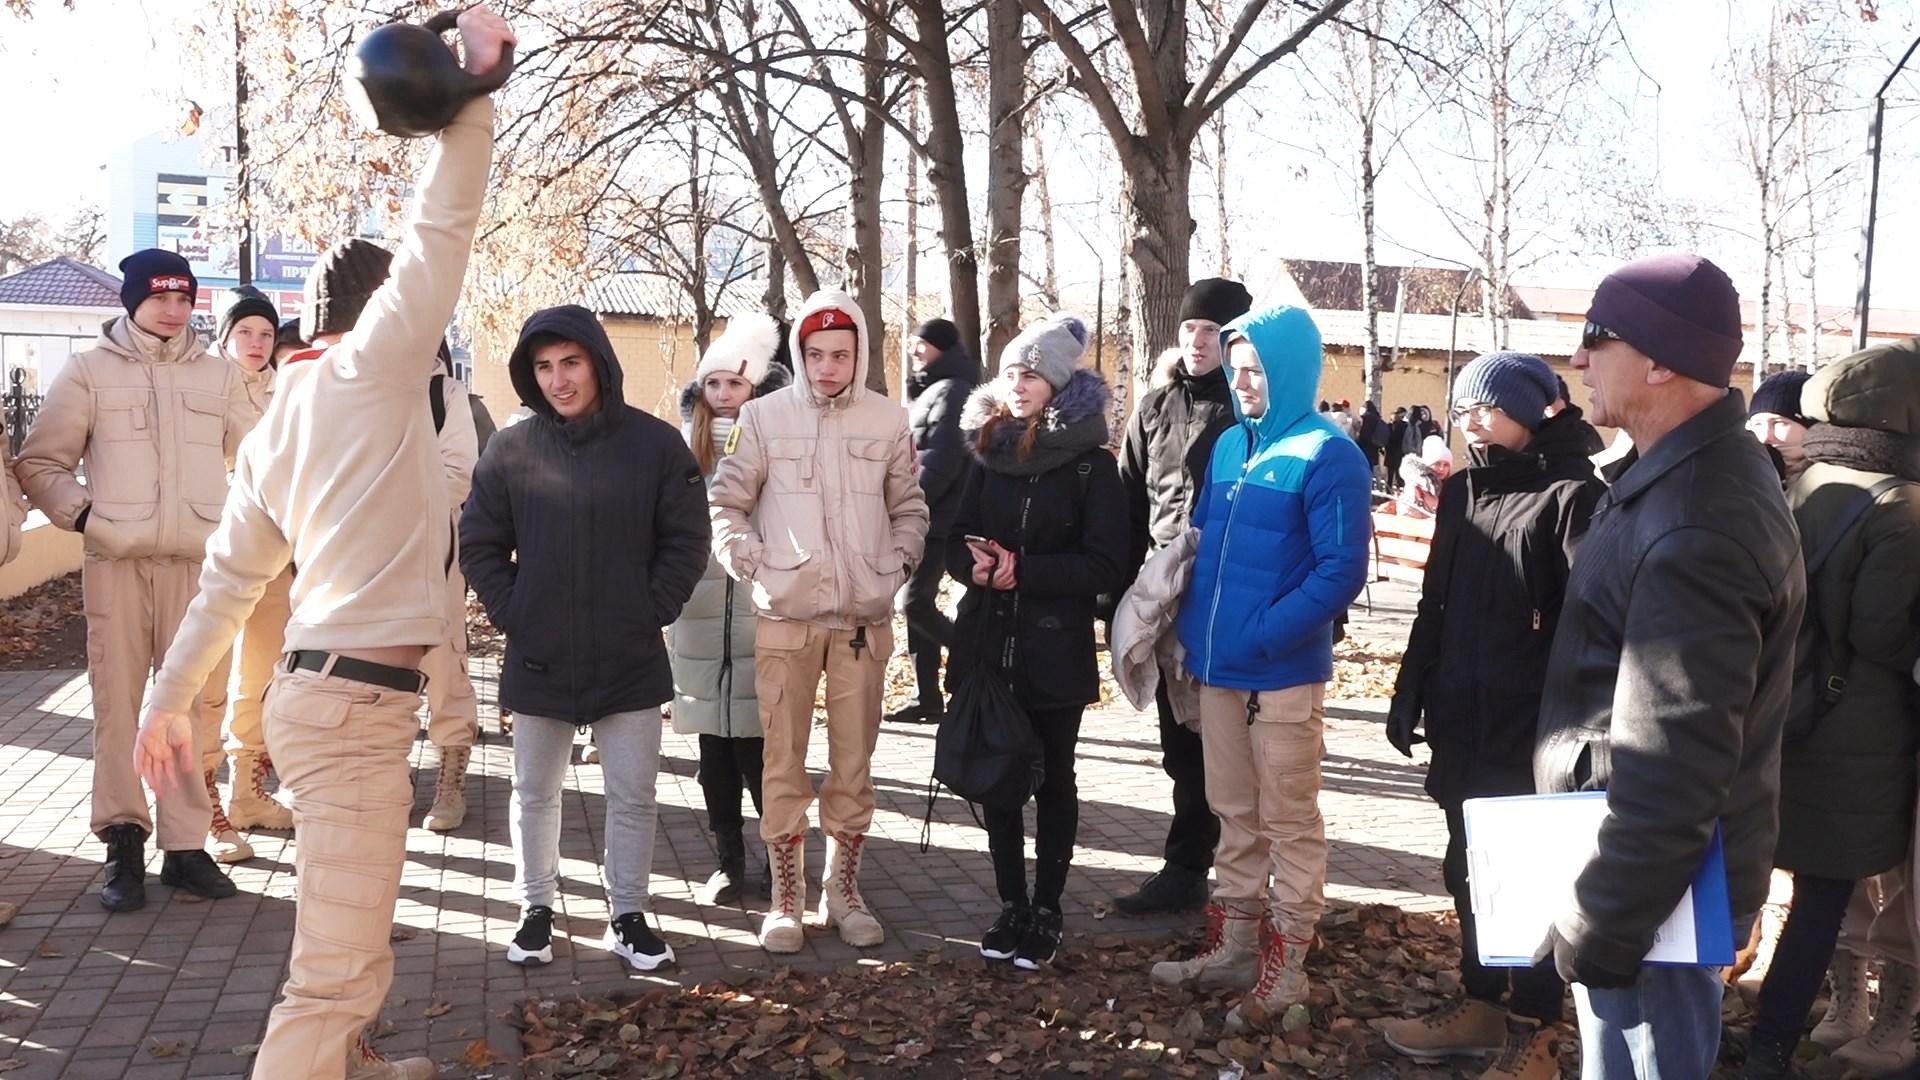 Михайловская молодёжь приняла участие в соревнованиях по поднятию гири, отжимании и стрельбе из пневматической винтовки.